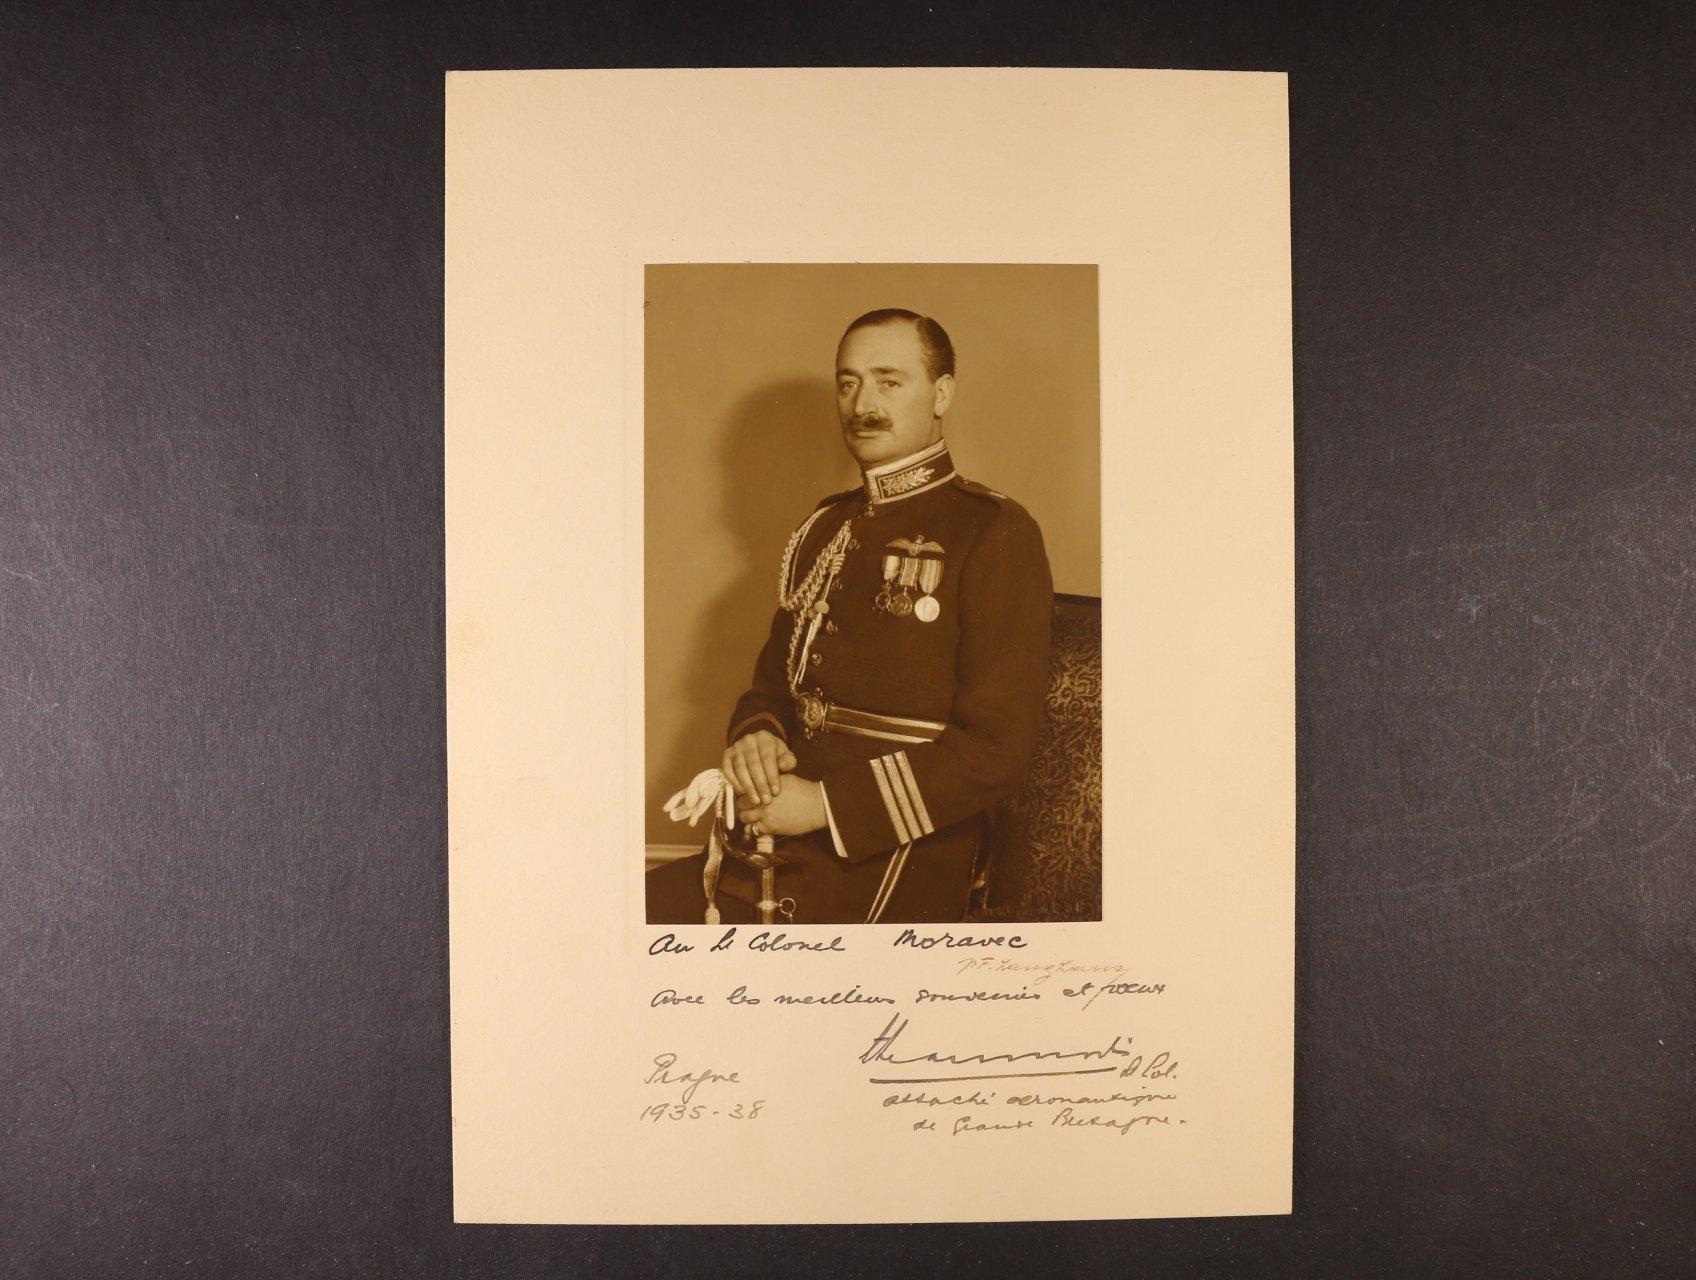 Beaumont, plukovník, britský let. atašé - fotografie v paspartě s věnováním plk. Frant. Moravcovi s vlastnoručním podpisem